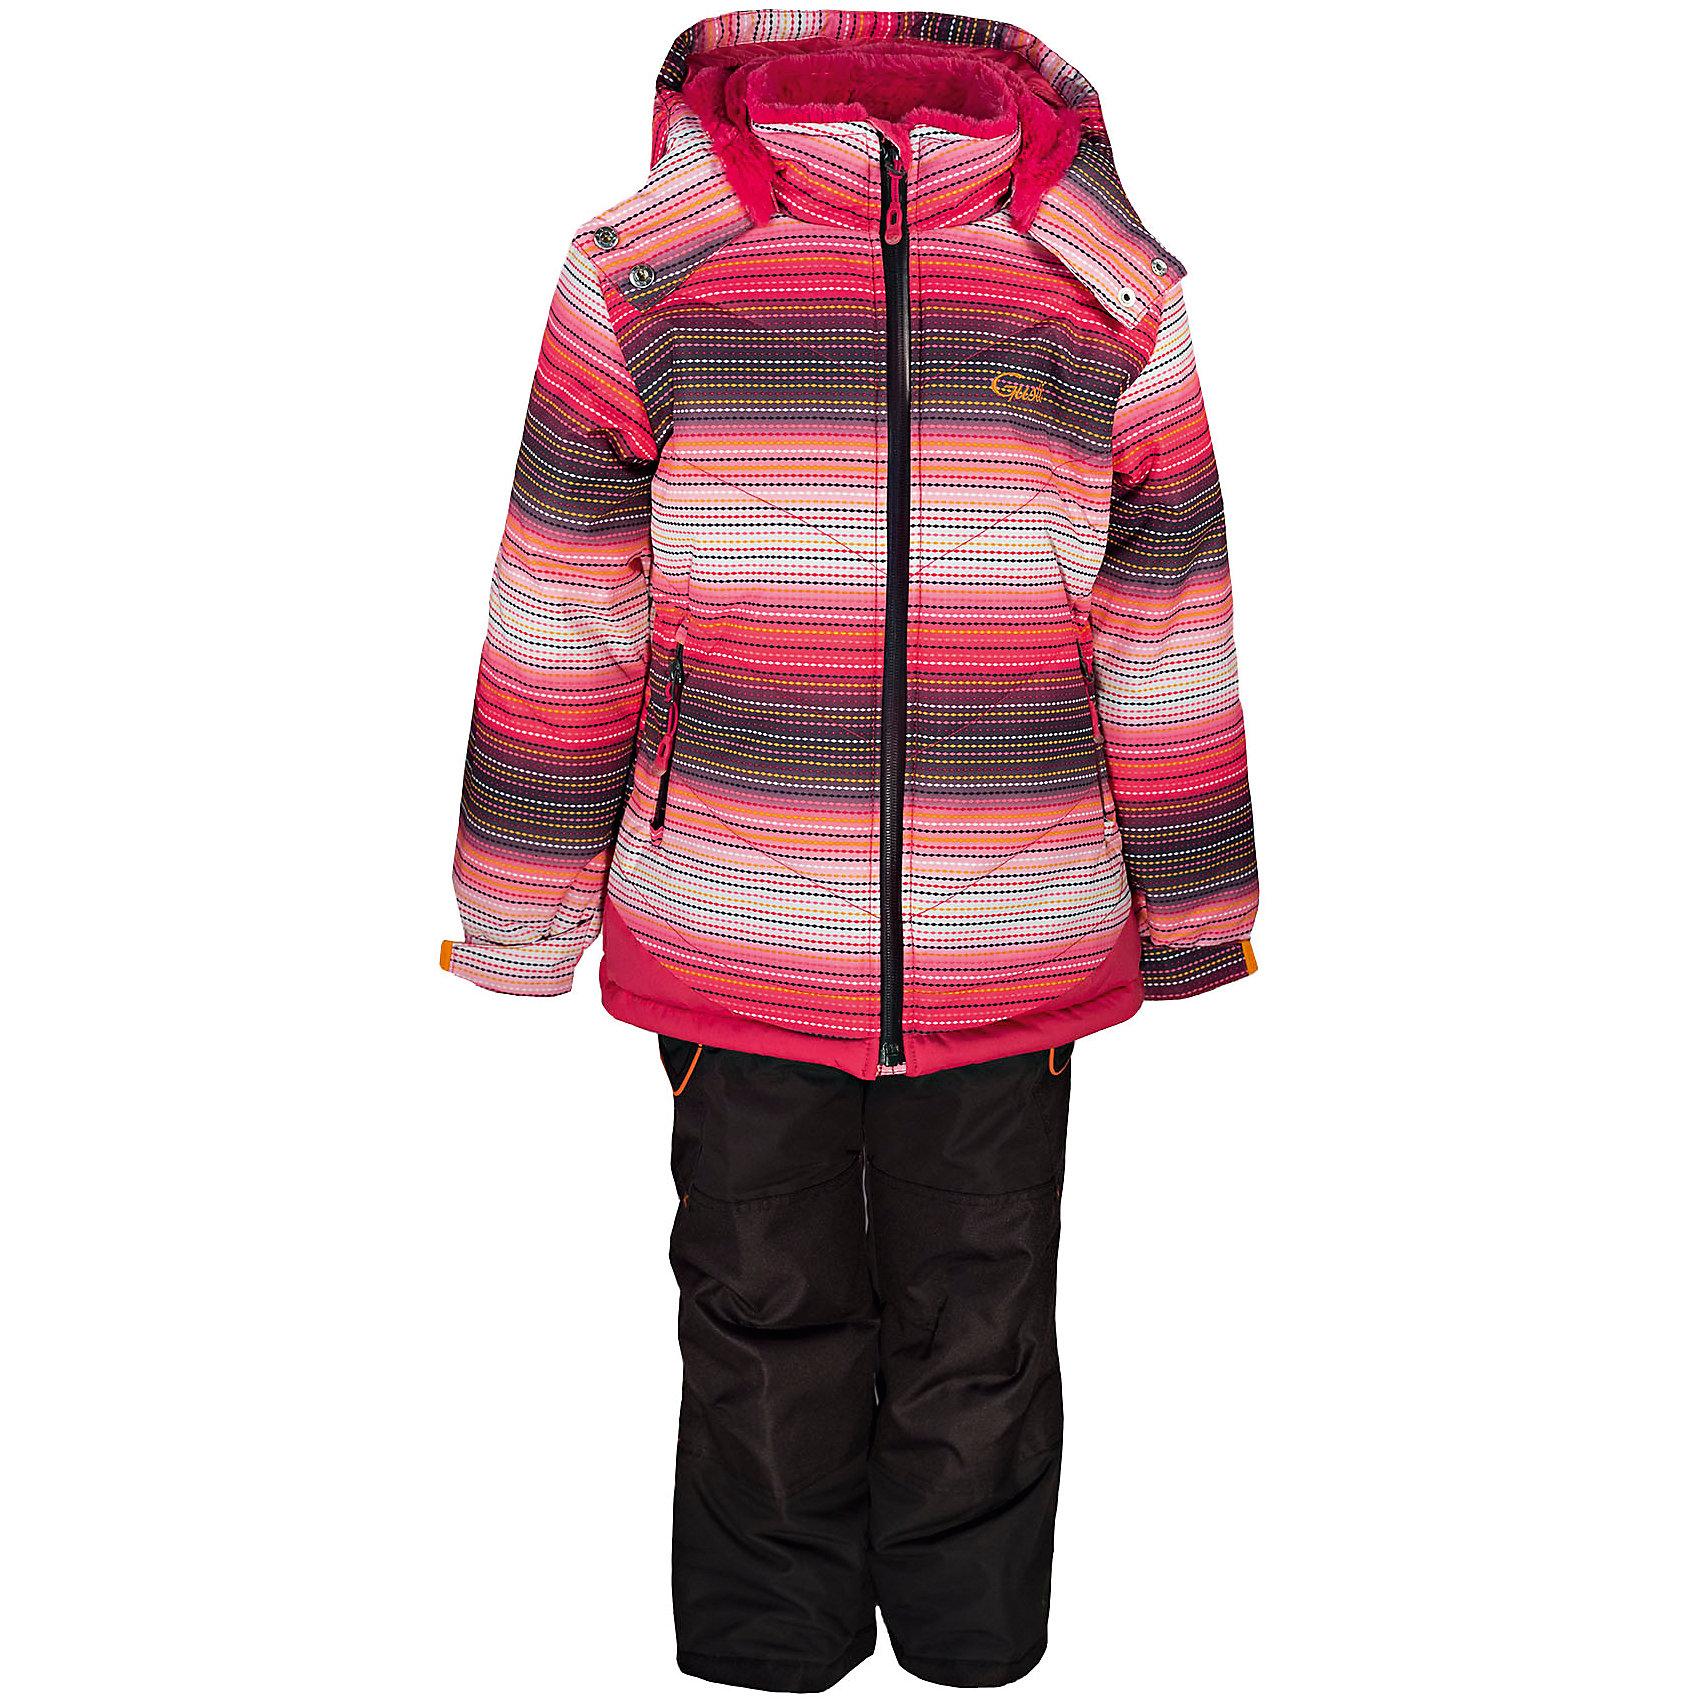 Комплект: куртка и полукомбинезон GUSTIКомплект: куртка и полукомбинезон GUSTI (ГУСТИ) – это идеальный вариант для суровой зимы с сильными морозами.<br><br>Температурный режим: до -30  градусов. Степень утепления – высокая. <br><br>* Температурный режим указан приблизительно — необходимо, прежде всего, ориентироваться на ощущения ребенка. Температурный режим работает в случае соблюдения правила многослойности – использования флисовой поддевы и термобелья.<br><br>Комплект от GUSTI (ГУСТИ) состоит из куртки и полукомбинезона, выполненных из плотного непромокаемого материала с защитной от влаги мембраной 5000 мм. Тань хорошо сохраняет тепло, отталкивает влагу и позволяет коже ребенка дышать. Утеплитель из тек-полифилла и флисовая внутренняя отделка на груди и на спинке дают возможность использовать комплект при очень низких температурах. Куртка застегивается на молнию, имеет два боковых кармана на застежках-молниях, снегозащитную юбку, трикотажные манжеты в рукавах, высокий ворот с защитой подбородка, отстёгивающийся капюшон с подкладкой из искусственного меха. Низ рукавов регулируется с помощью липучек. Полукомбинезон застегивается на молнию, имеет накладной карман с клапаном на липучке, регулируемые лямки, снегозащитные гетры. Длина брючин регулируется (отворот с креплением на липе). Сзади, на коленях, и по низу брючин имеется дополнительный слой ткани Cordura Oxford (сверхстойкий полиэстер). До размера 6х (120 см.) у полукомбинезона высокая грудка, в размерах 7 (122 см.) - 14 (164см) отстегивающаяся спинка, грудки нет. Модель подходит для прогулок на морозе до -30 градусов.<br><br>Дополнительная информация:<br><br>- Сезон: зима<br>- Пол: девочка<br>- Цвет: розовый, черный, серый<br>- Узор: полоска<br>- Температурный режим до -30 градусов<br>- Материал верха: куртка - shuss 5000мм (100% полиэстер); брюки - taslan 5000мм, накладки Cordura Oxford сзади, на коленях, и по низу брючин<br>- Наполнитель: куртка - тек-полифилл плотностью 283 гр/м (10 унций) 100% полиэстер; б